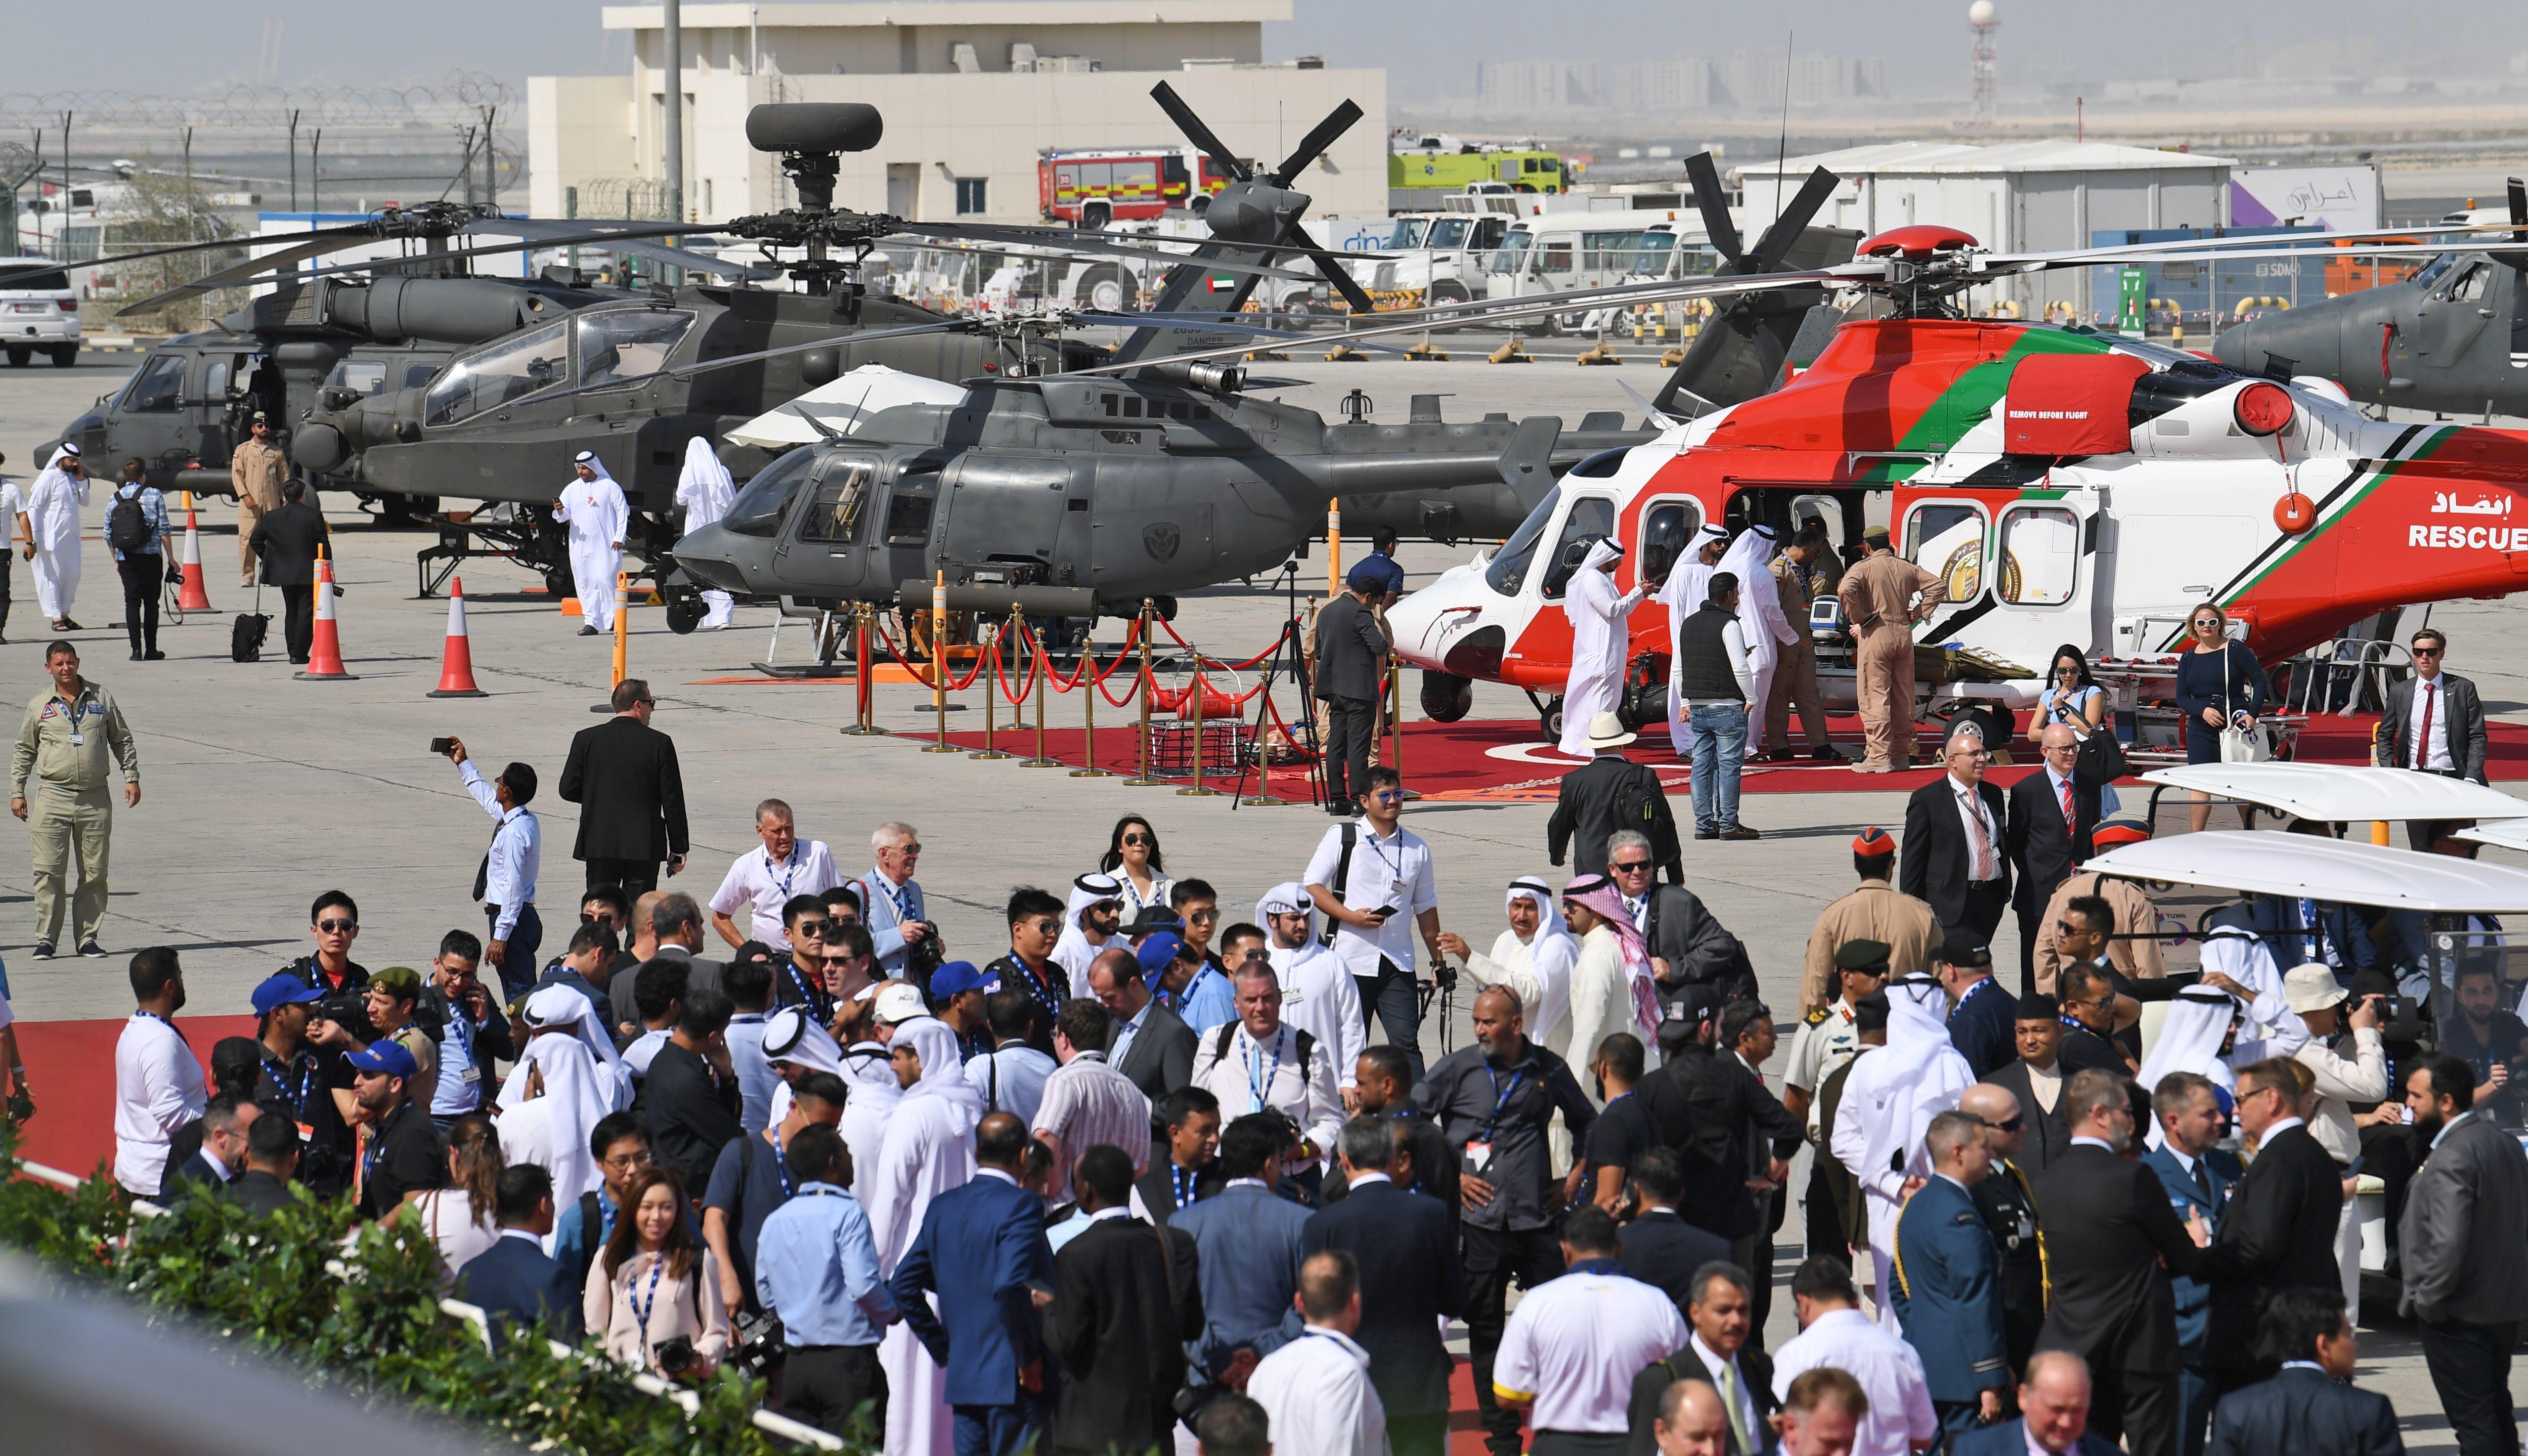 People attend the Dubai Airshow on November 18, 2019. (KARIM SAHIB / AFP)